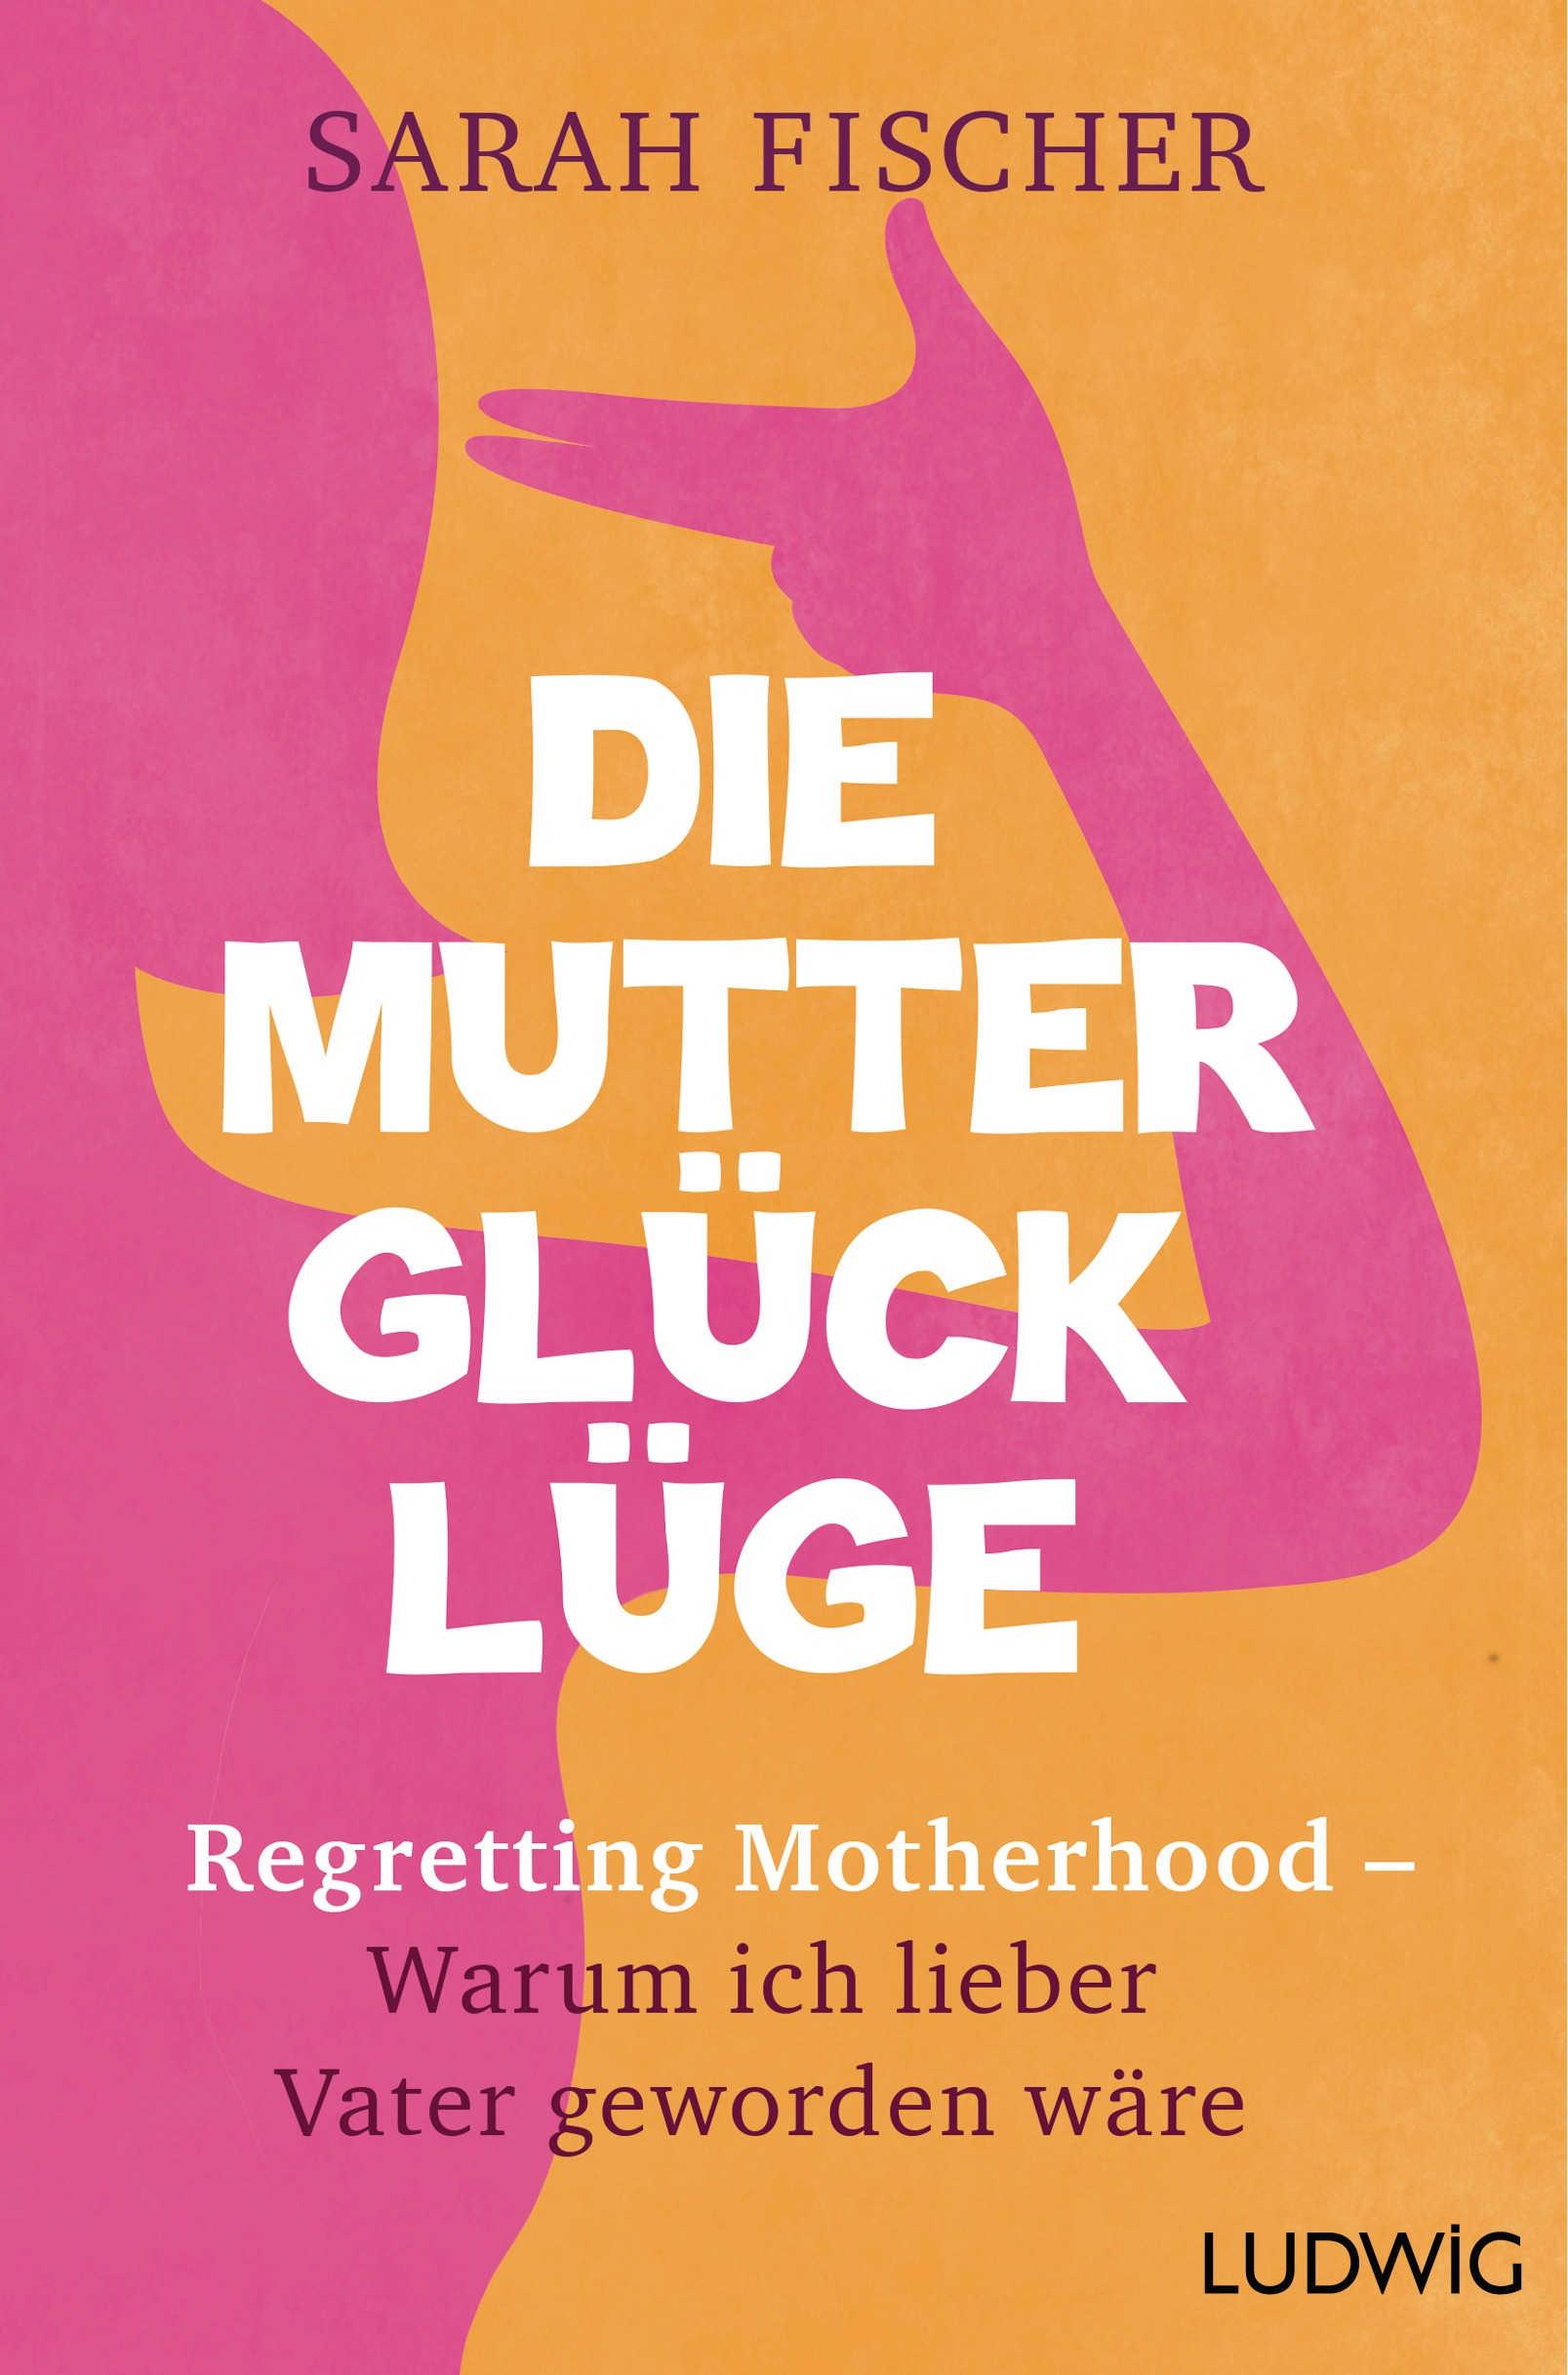 Cover_Mutterglueck_Luege